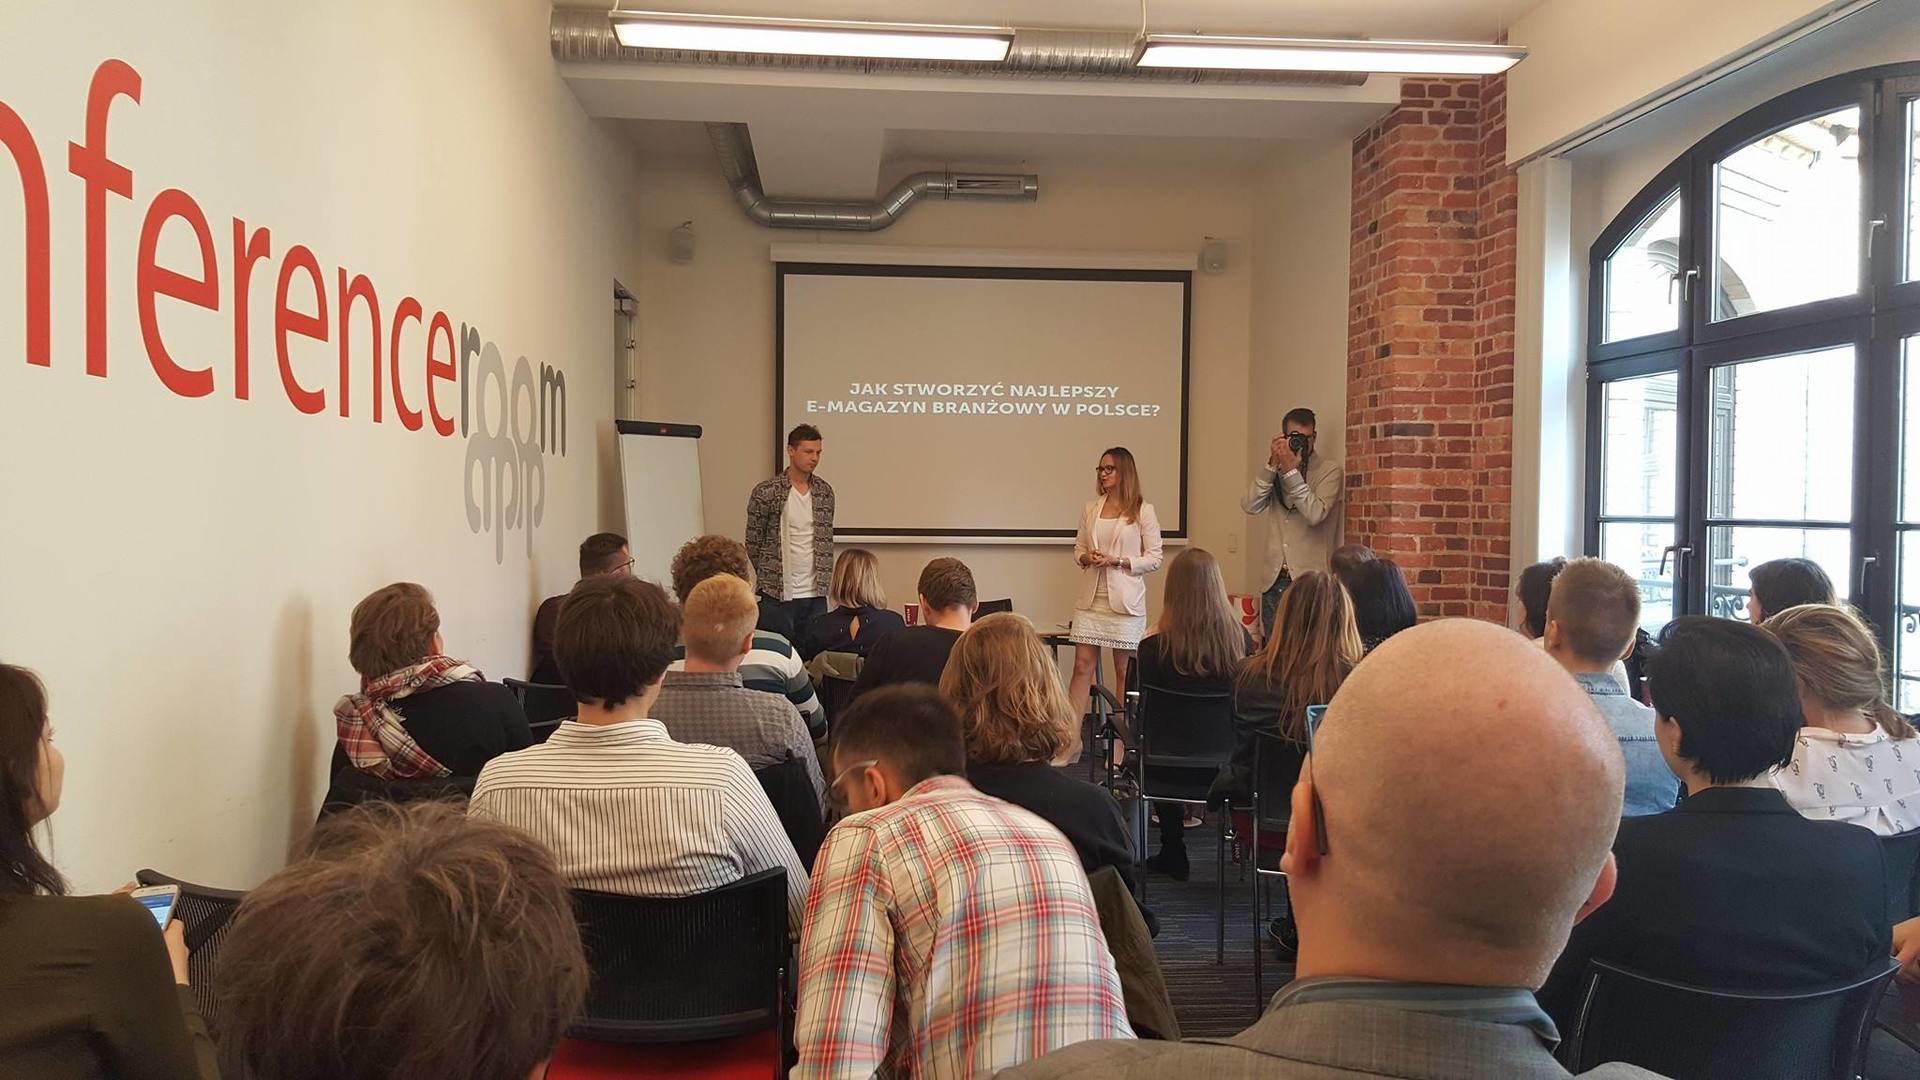 Content Espresso vol 2: Jak stworzyć najlepszy e-magazyn branżowy w Polsce?